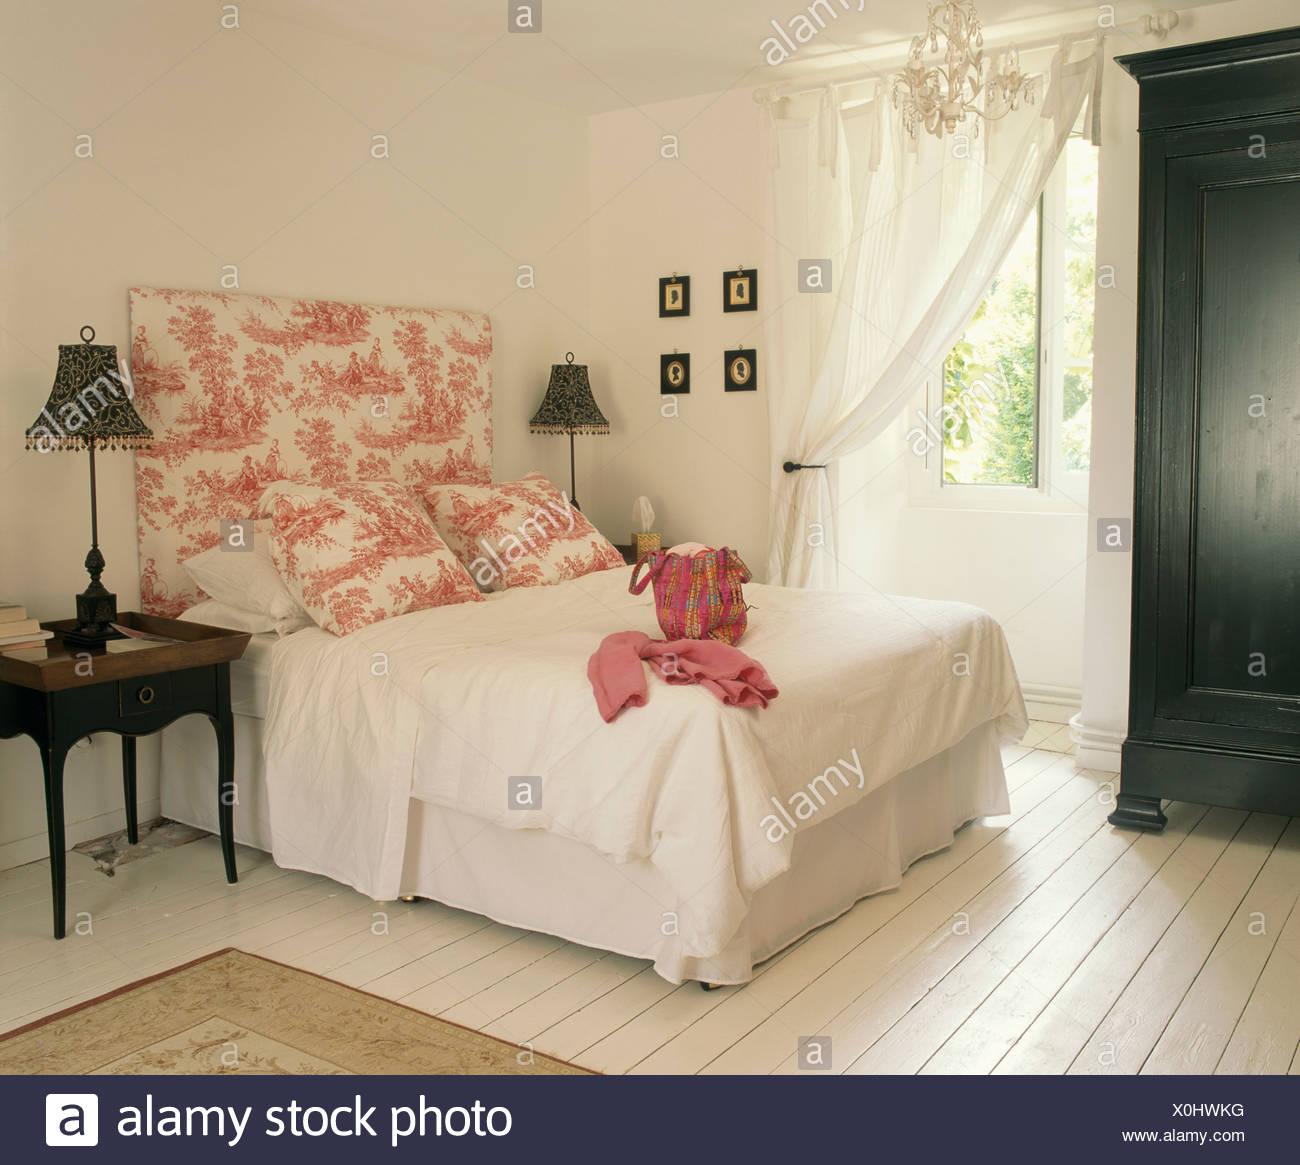 Tete De Lit Voile toile rose-de-jouy et tête de coussins sur le lit avec draps